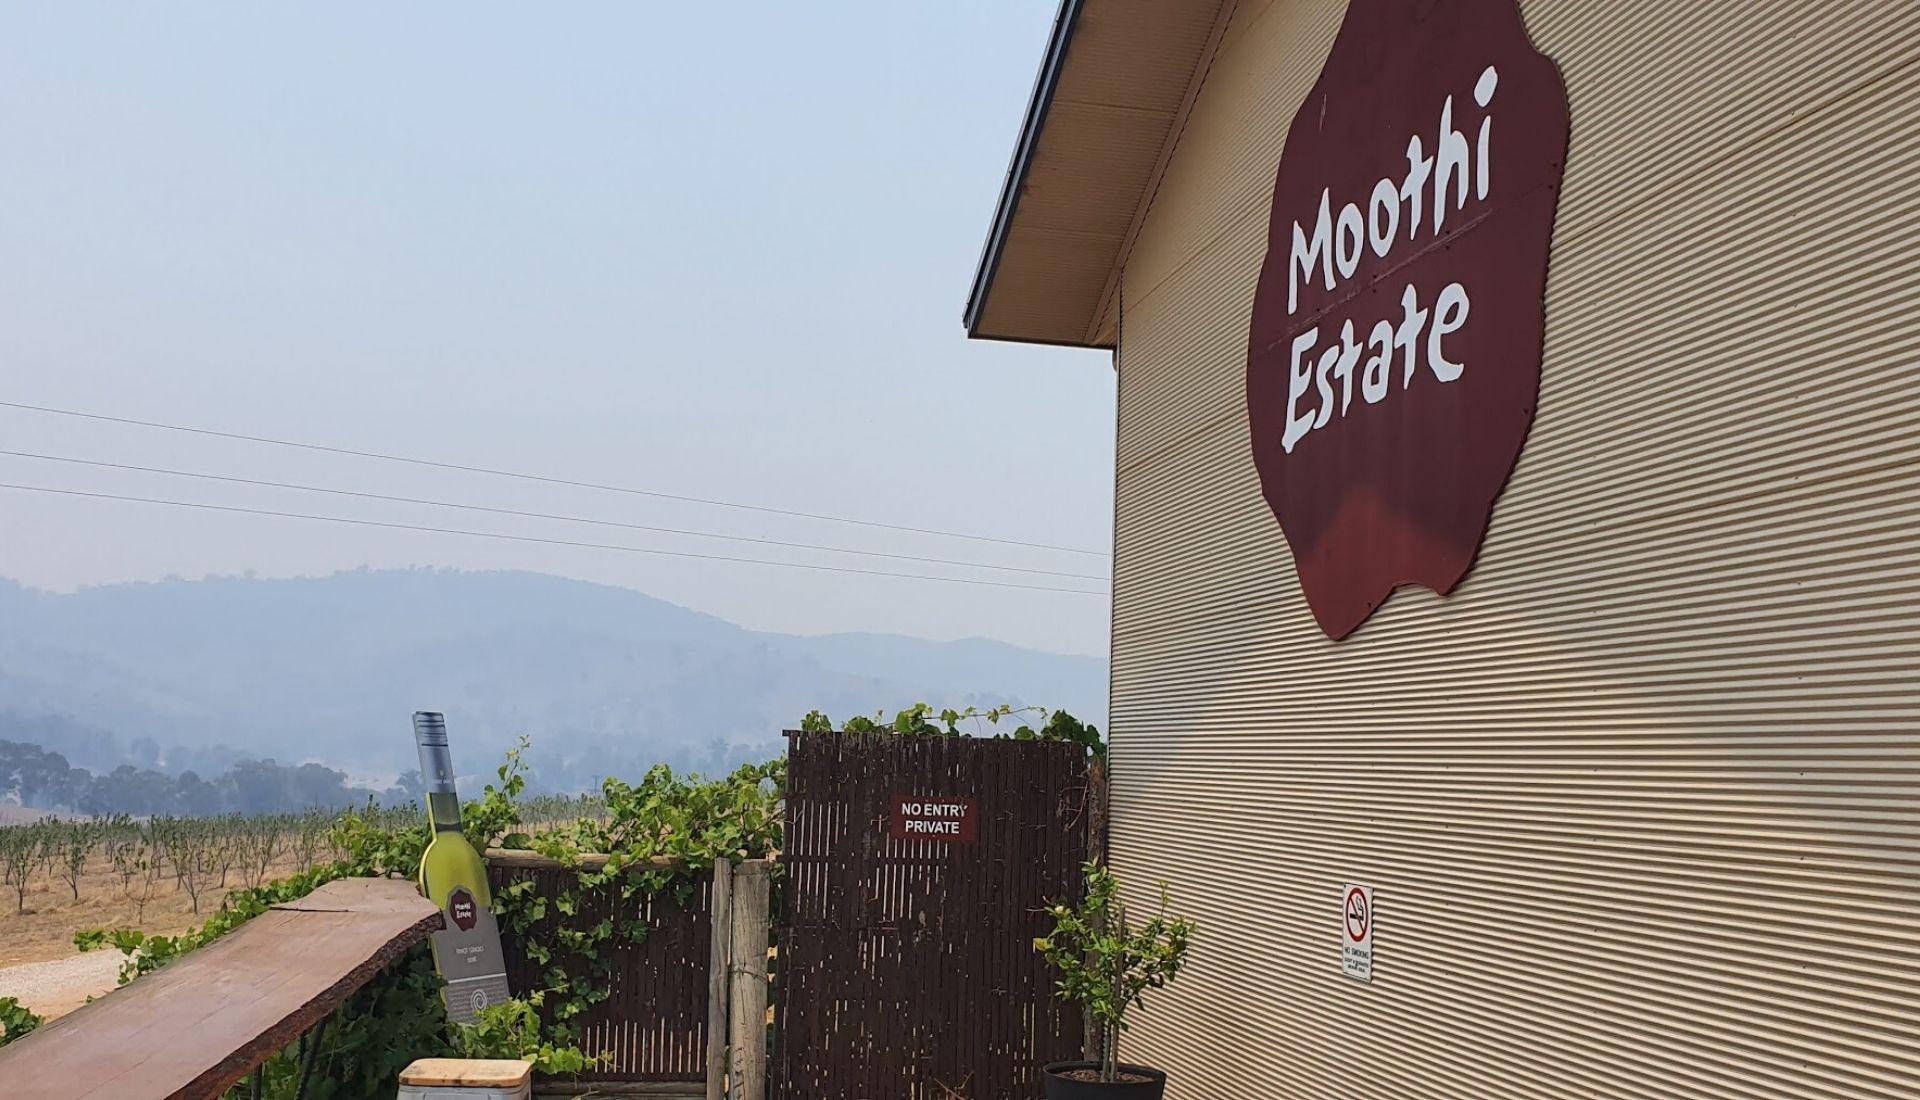 Moothi Estate